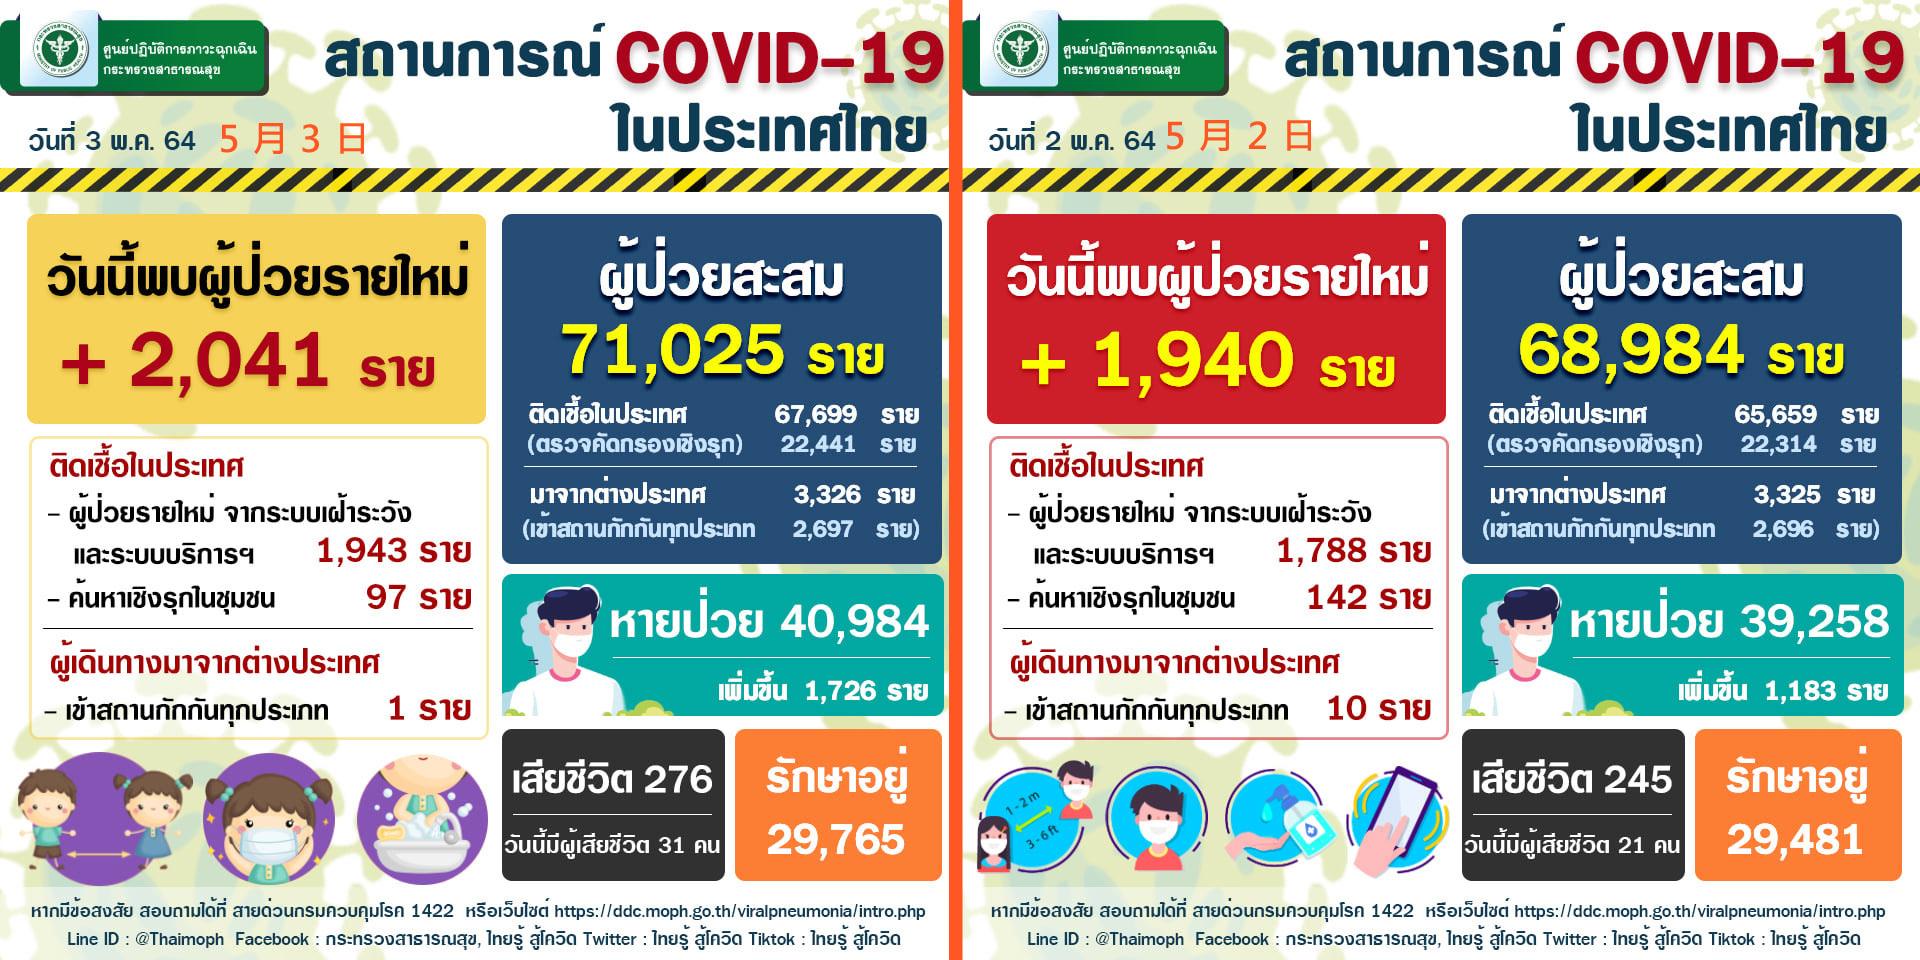 2021年5月3日泰國新冠肺炎確診數據.jpg